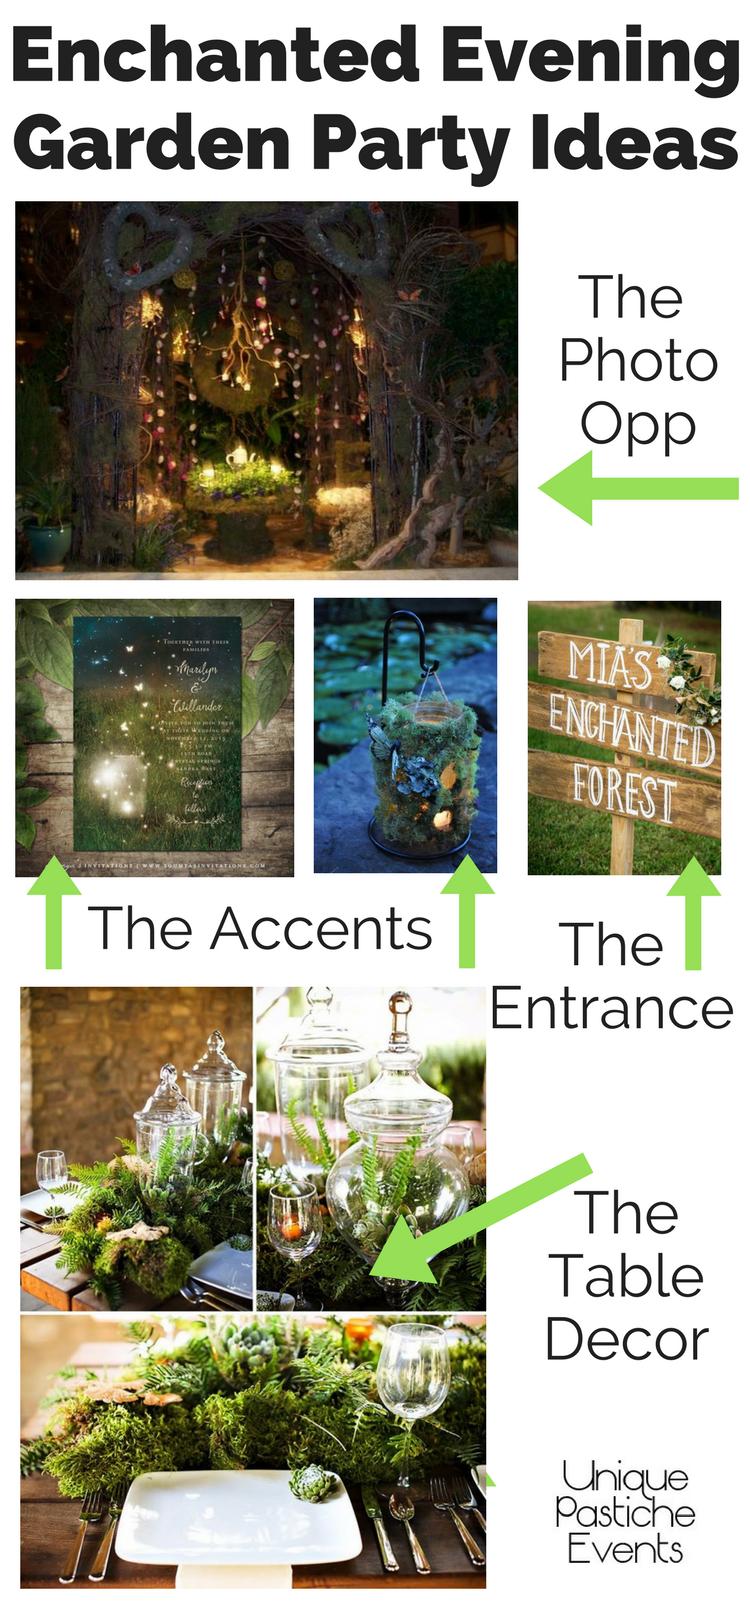 Enchanted Evening Garden Party Ideas Unique Pastiche Events